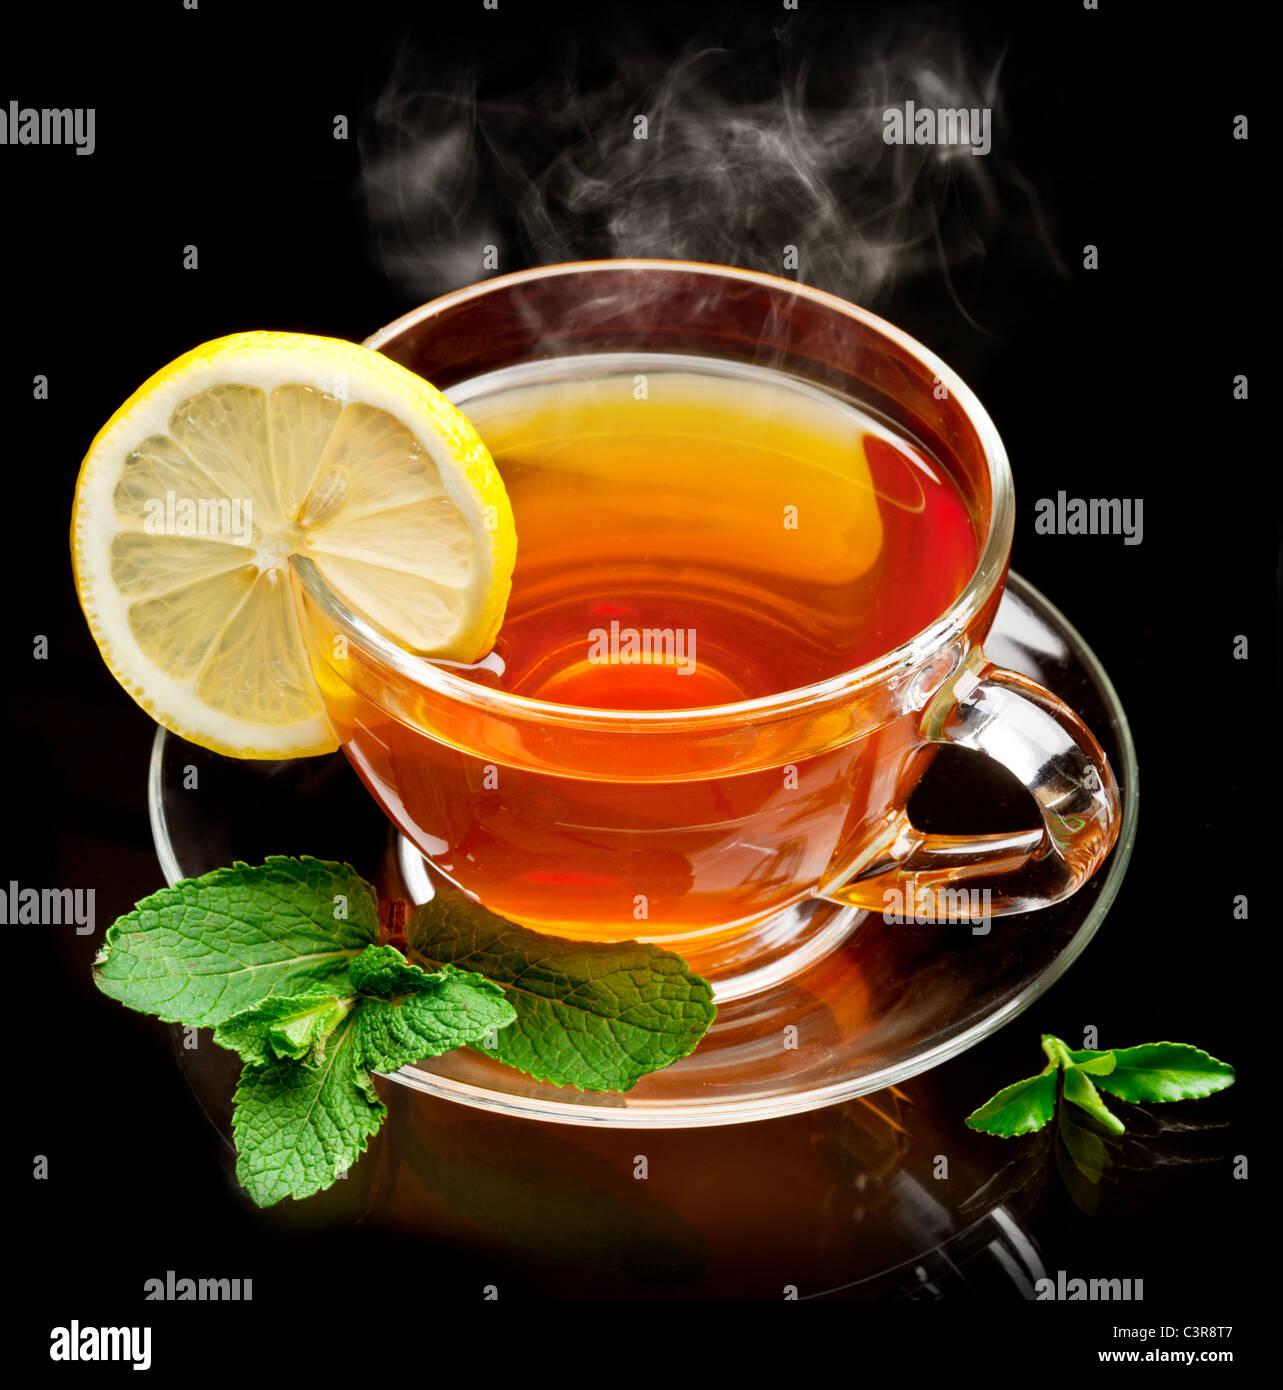 Taza de té con menta y limón aislado sobre un fondo negro. Imagen De Stock